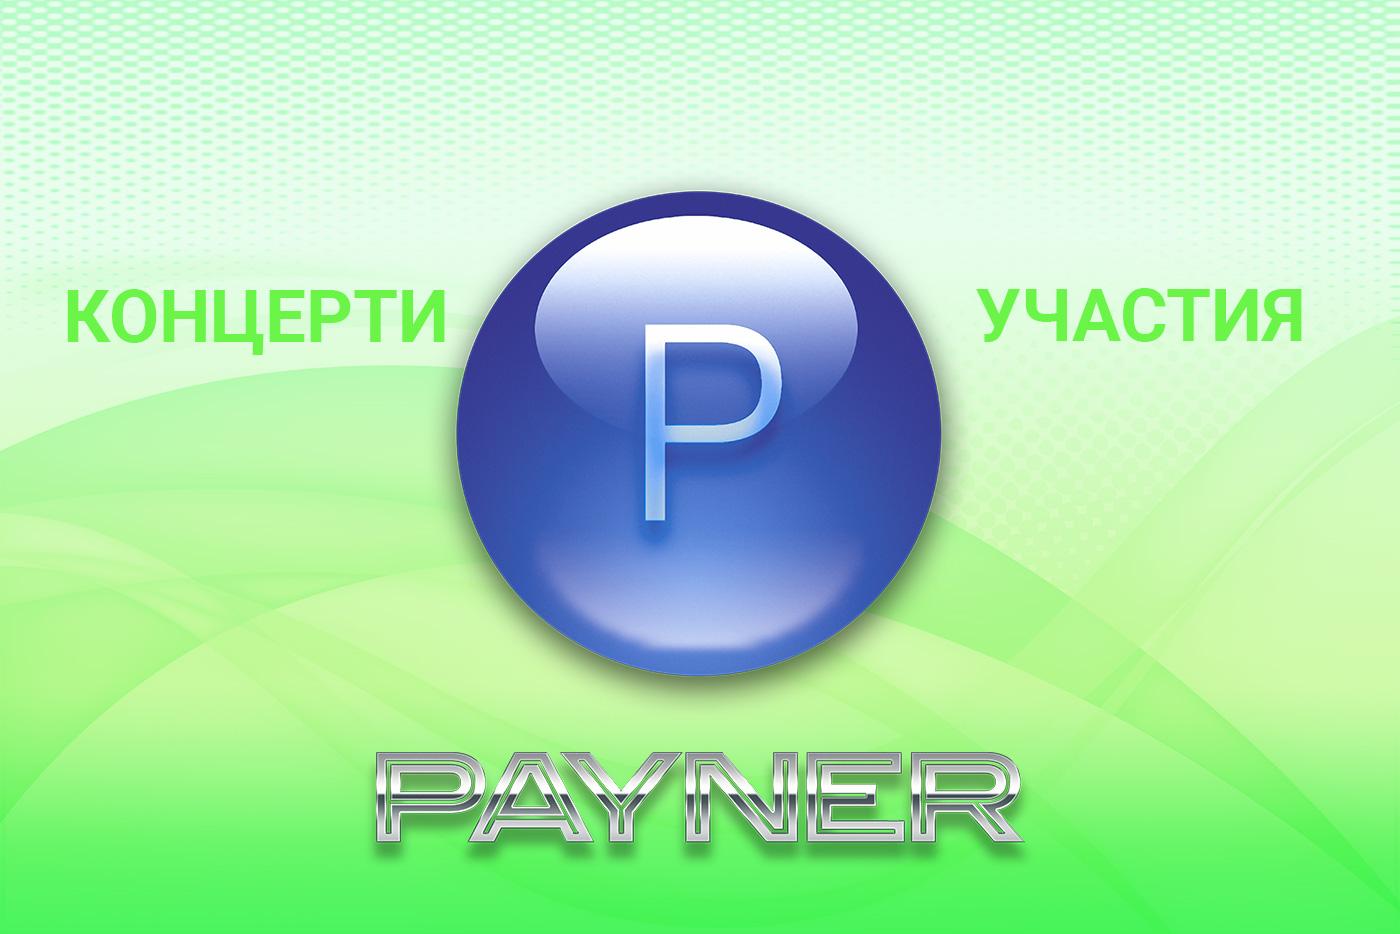 """Участия на звездите на """"Пайнер"""" на 11.07.2019"""